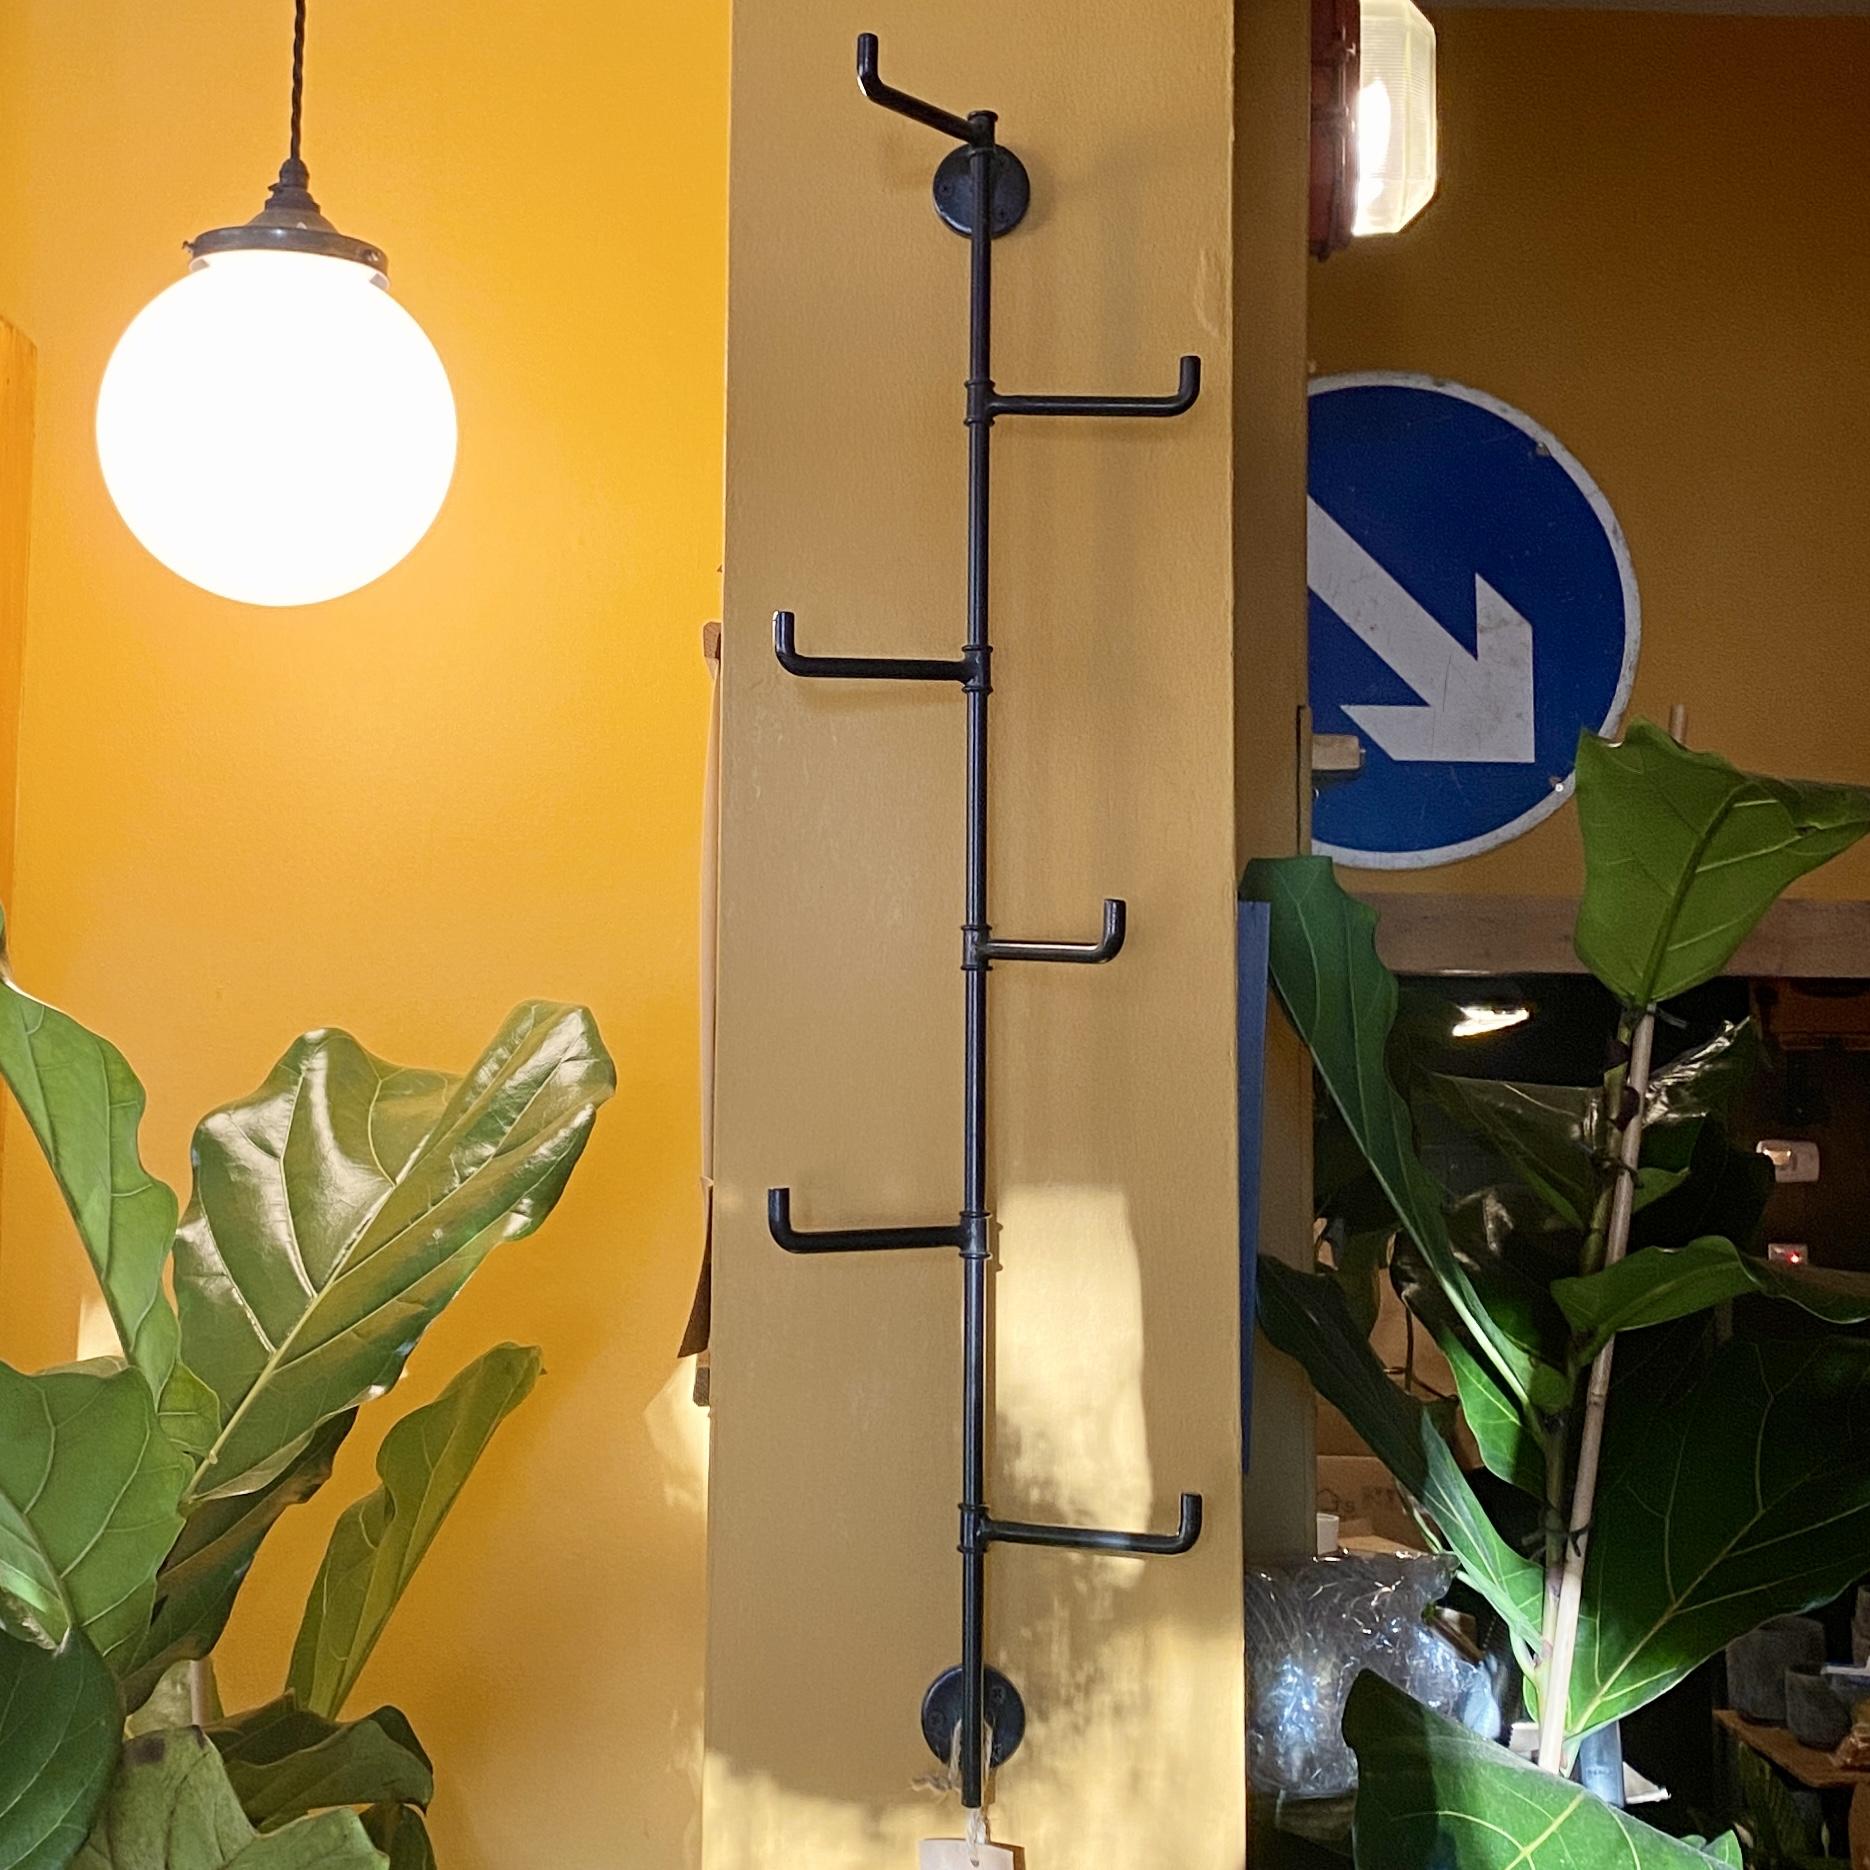 Vertical Bar Wall Hooks - Iron